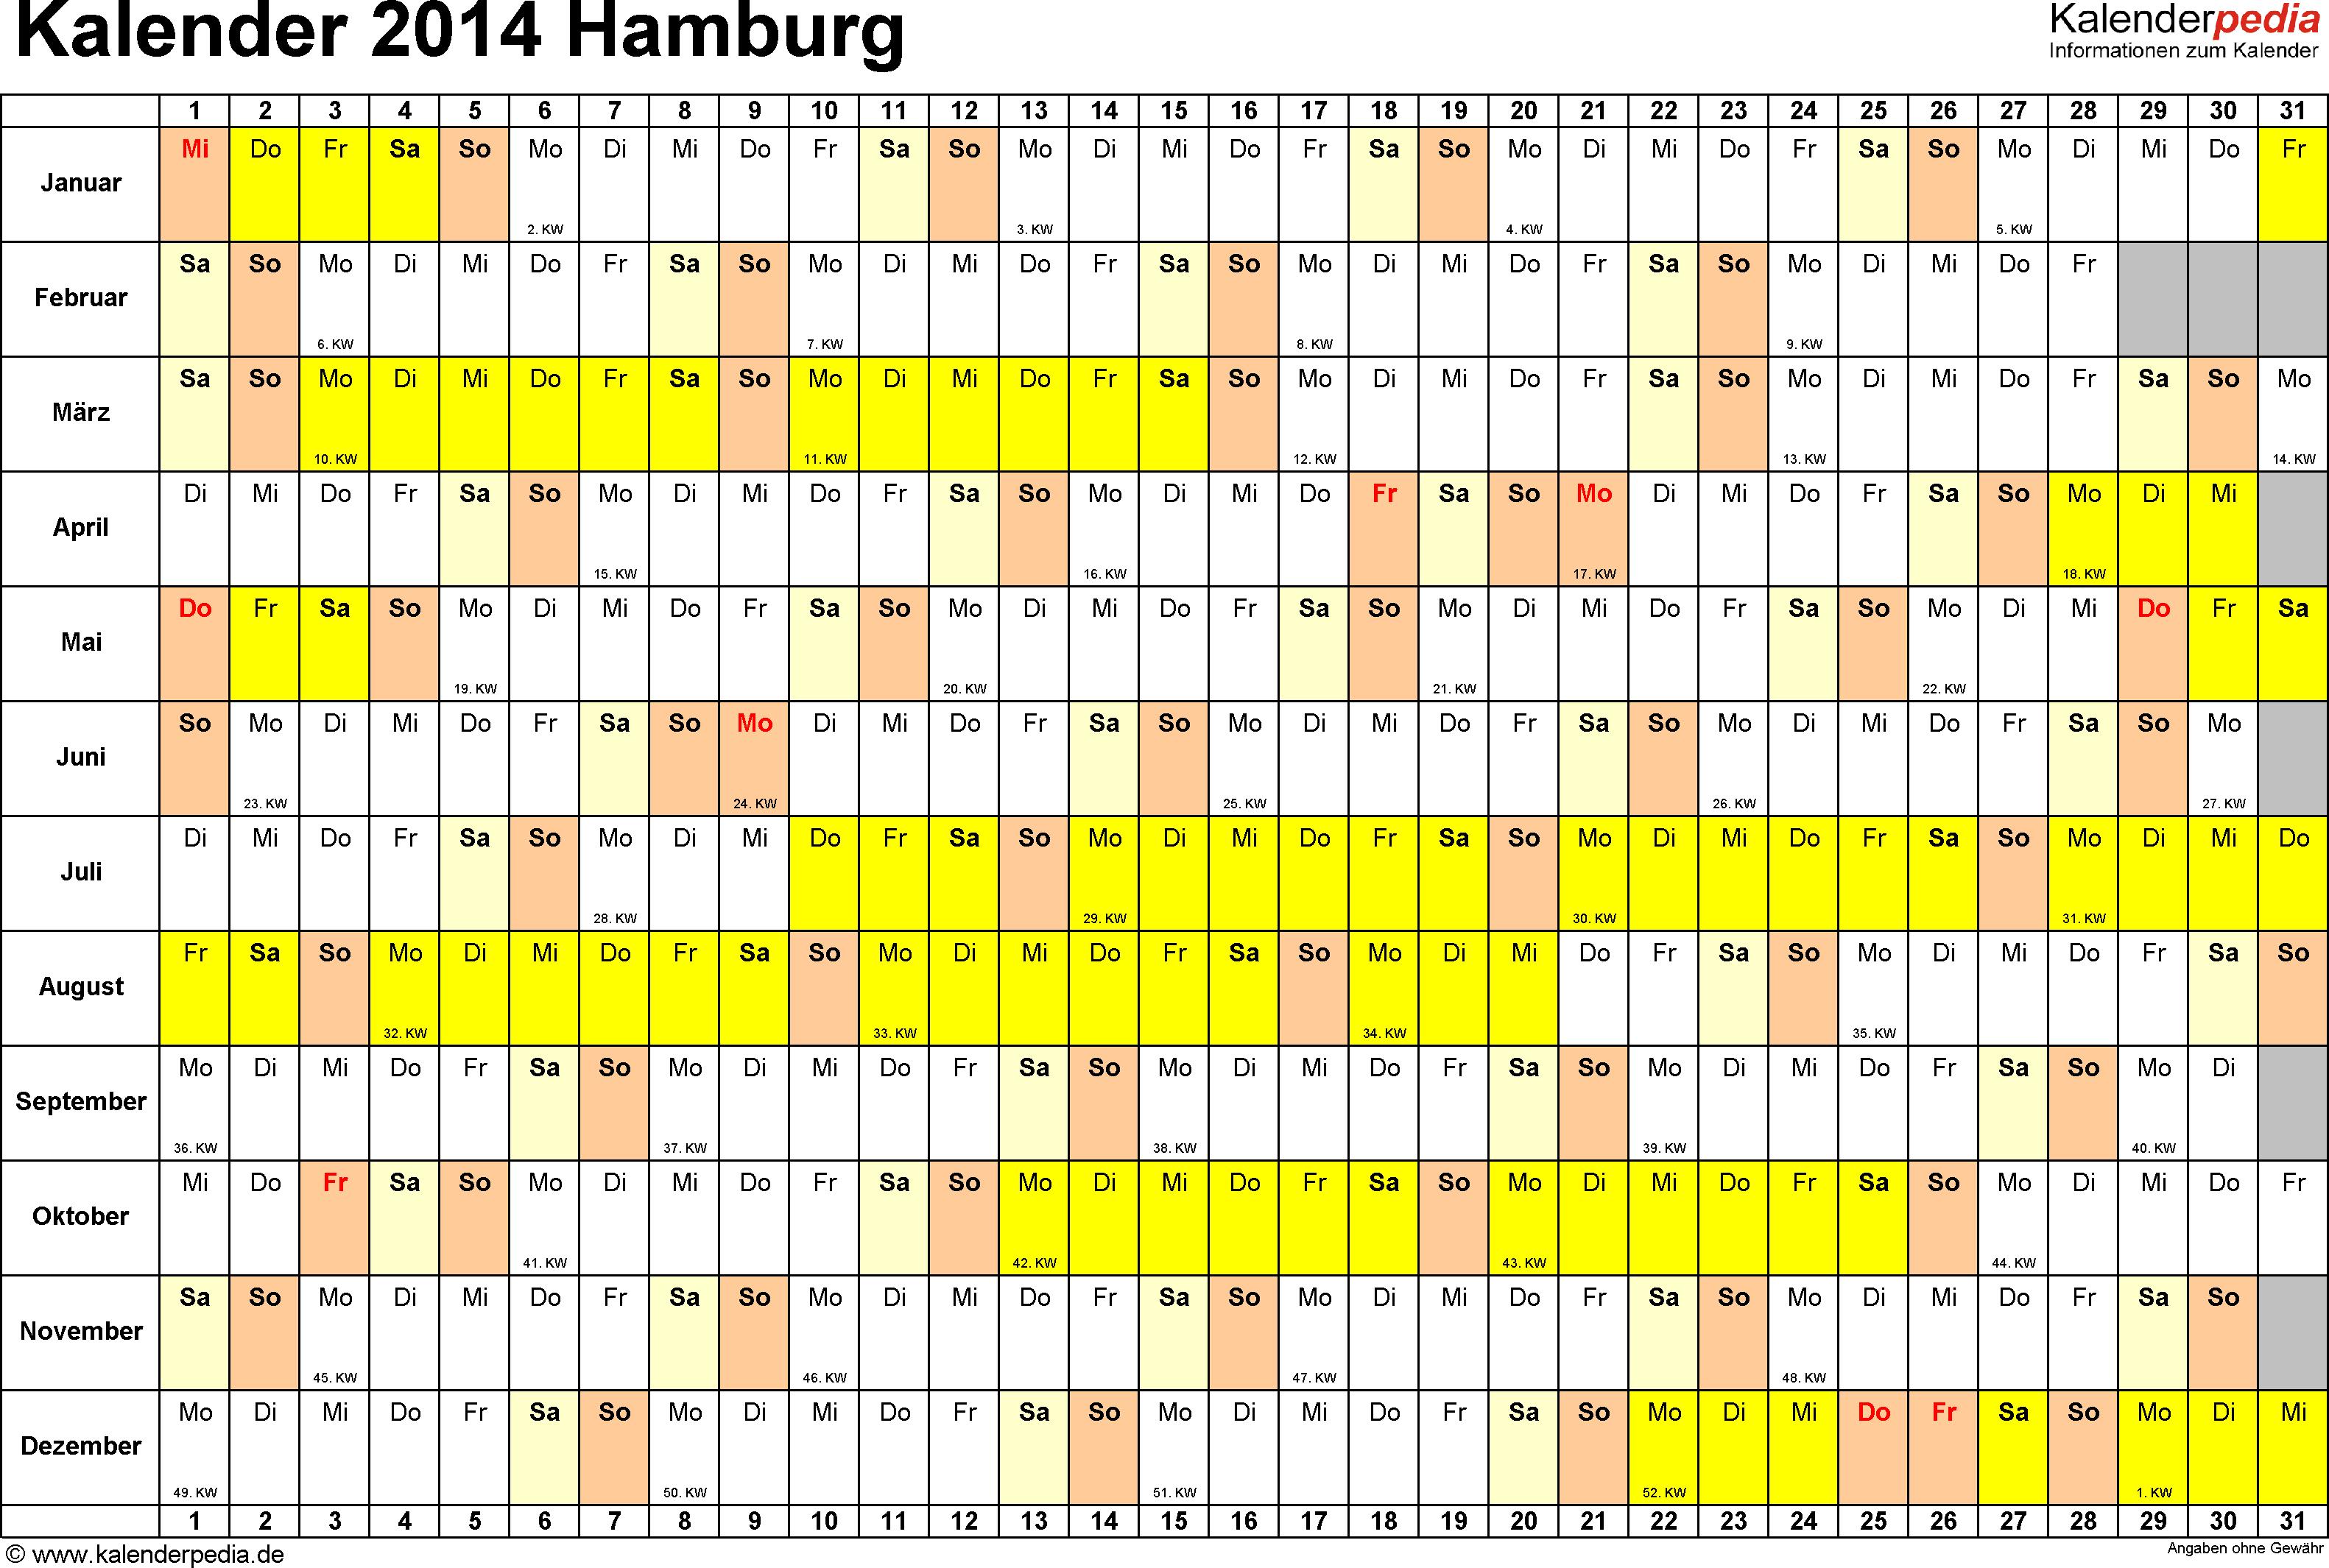 Vorlage 3: Kalender Hamburg 2014 im Querformat, Tage nebeneinander